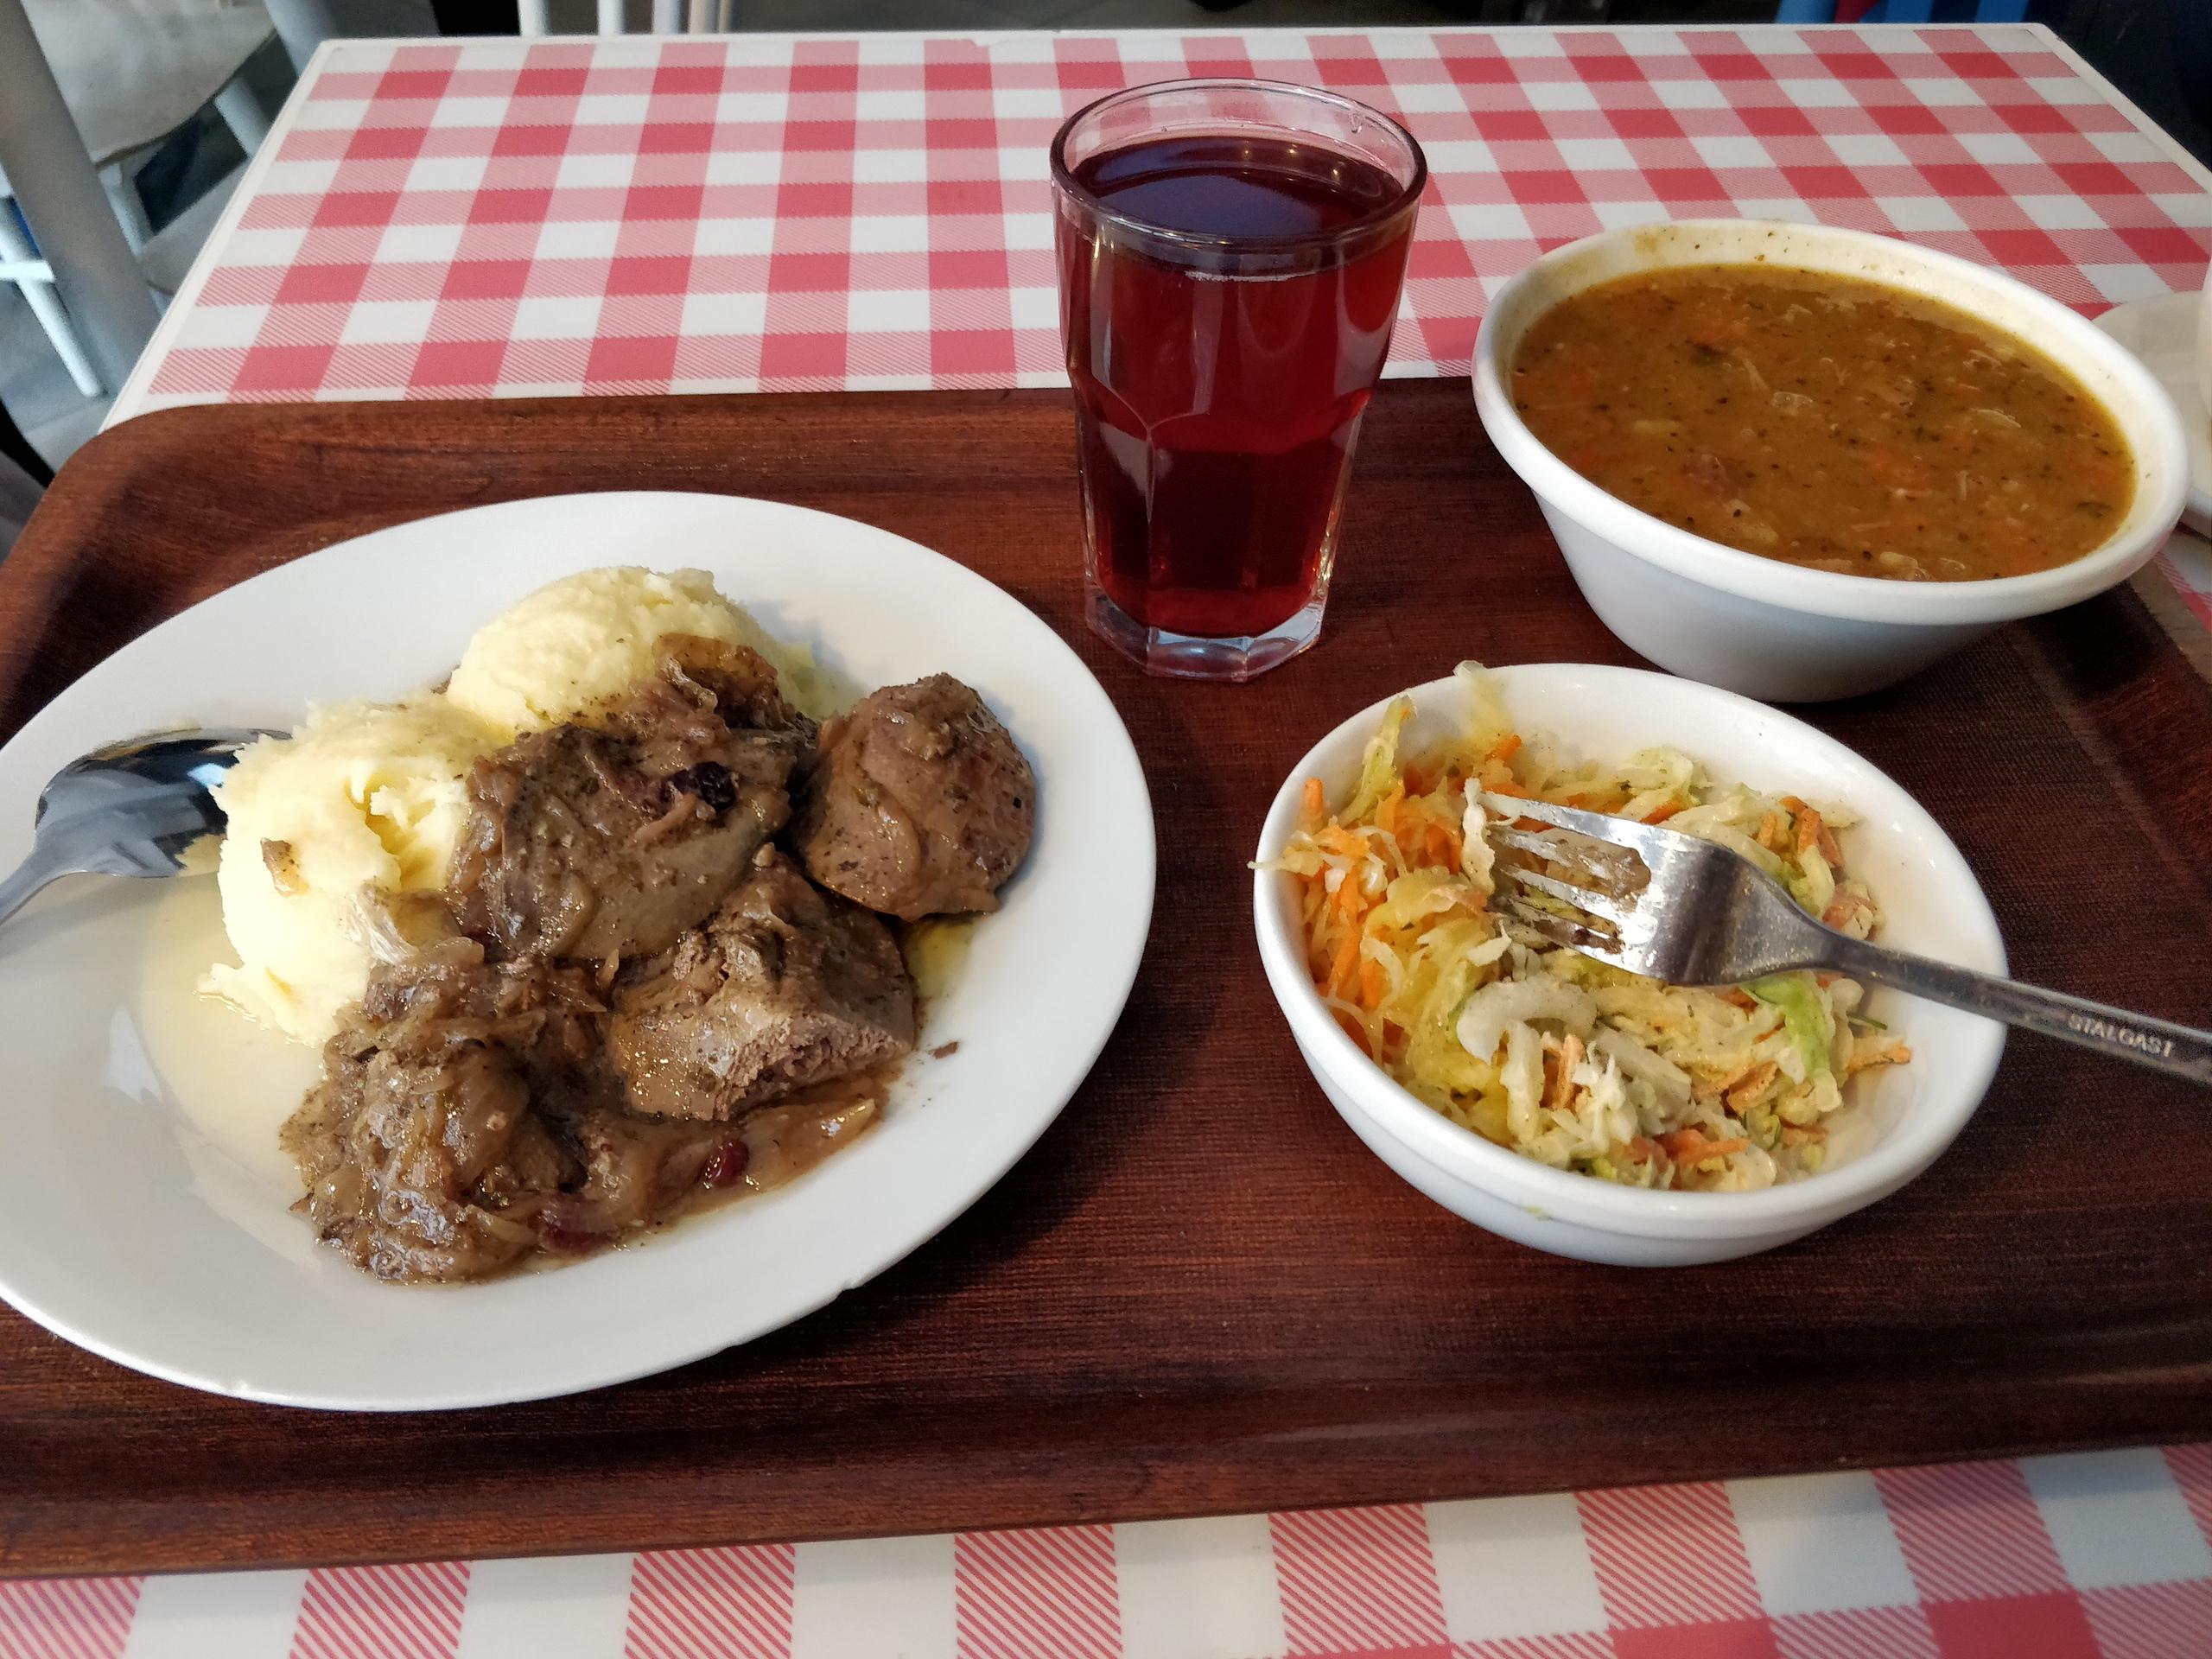 Пообедал в «молочном баре»: пюре, печенка, салат, гороховый суп смясом икомпот. Заплатил 19zł(340рублей)